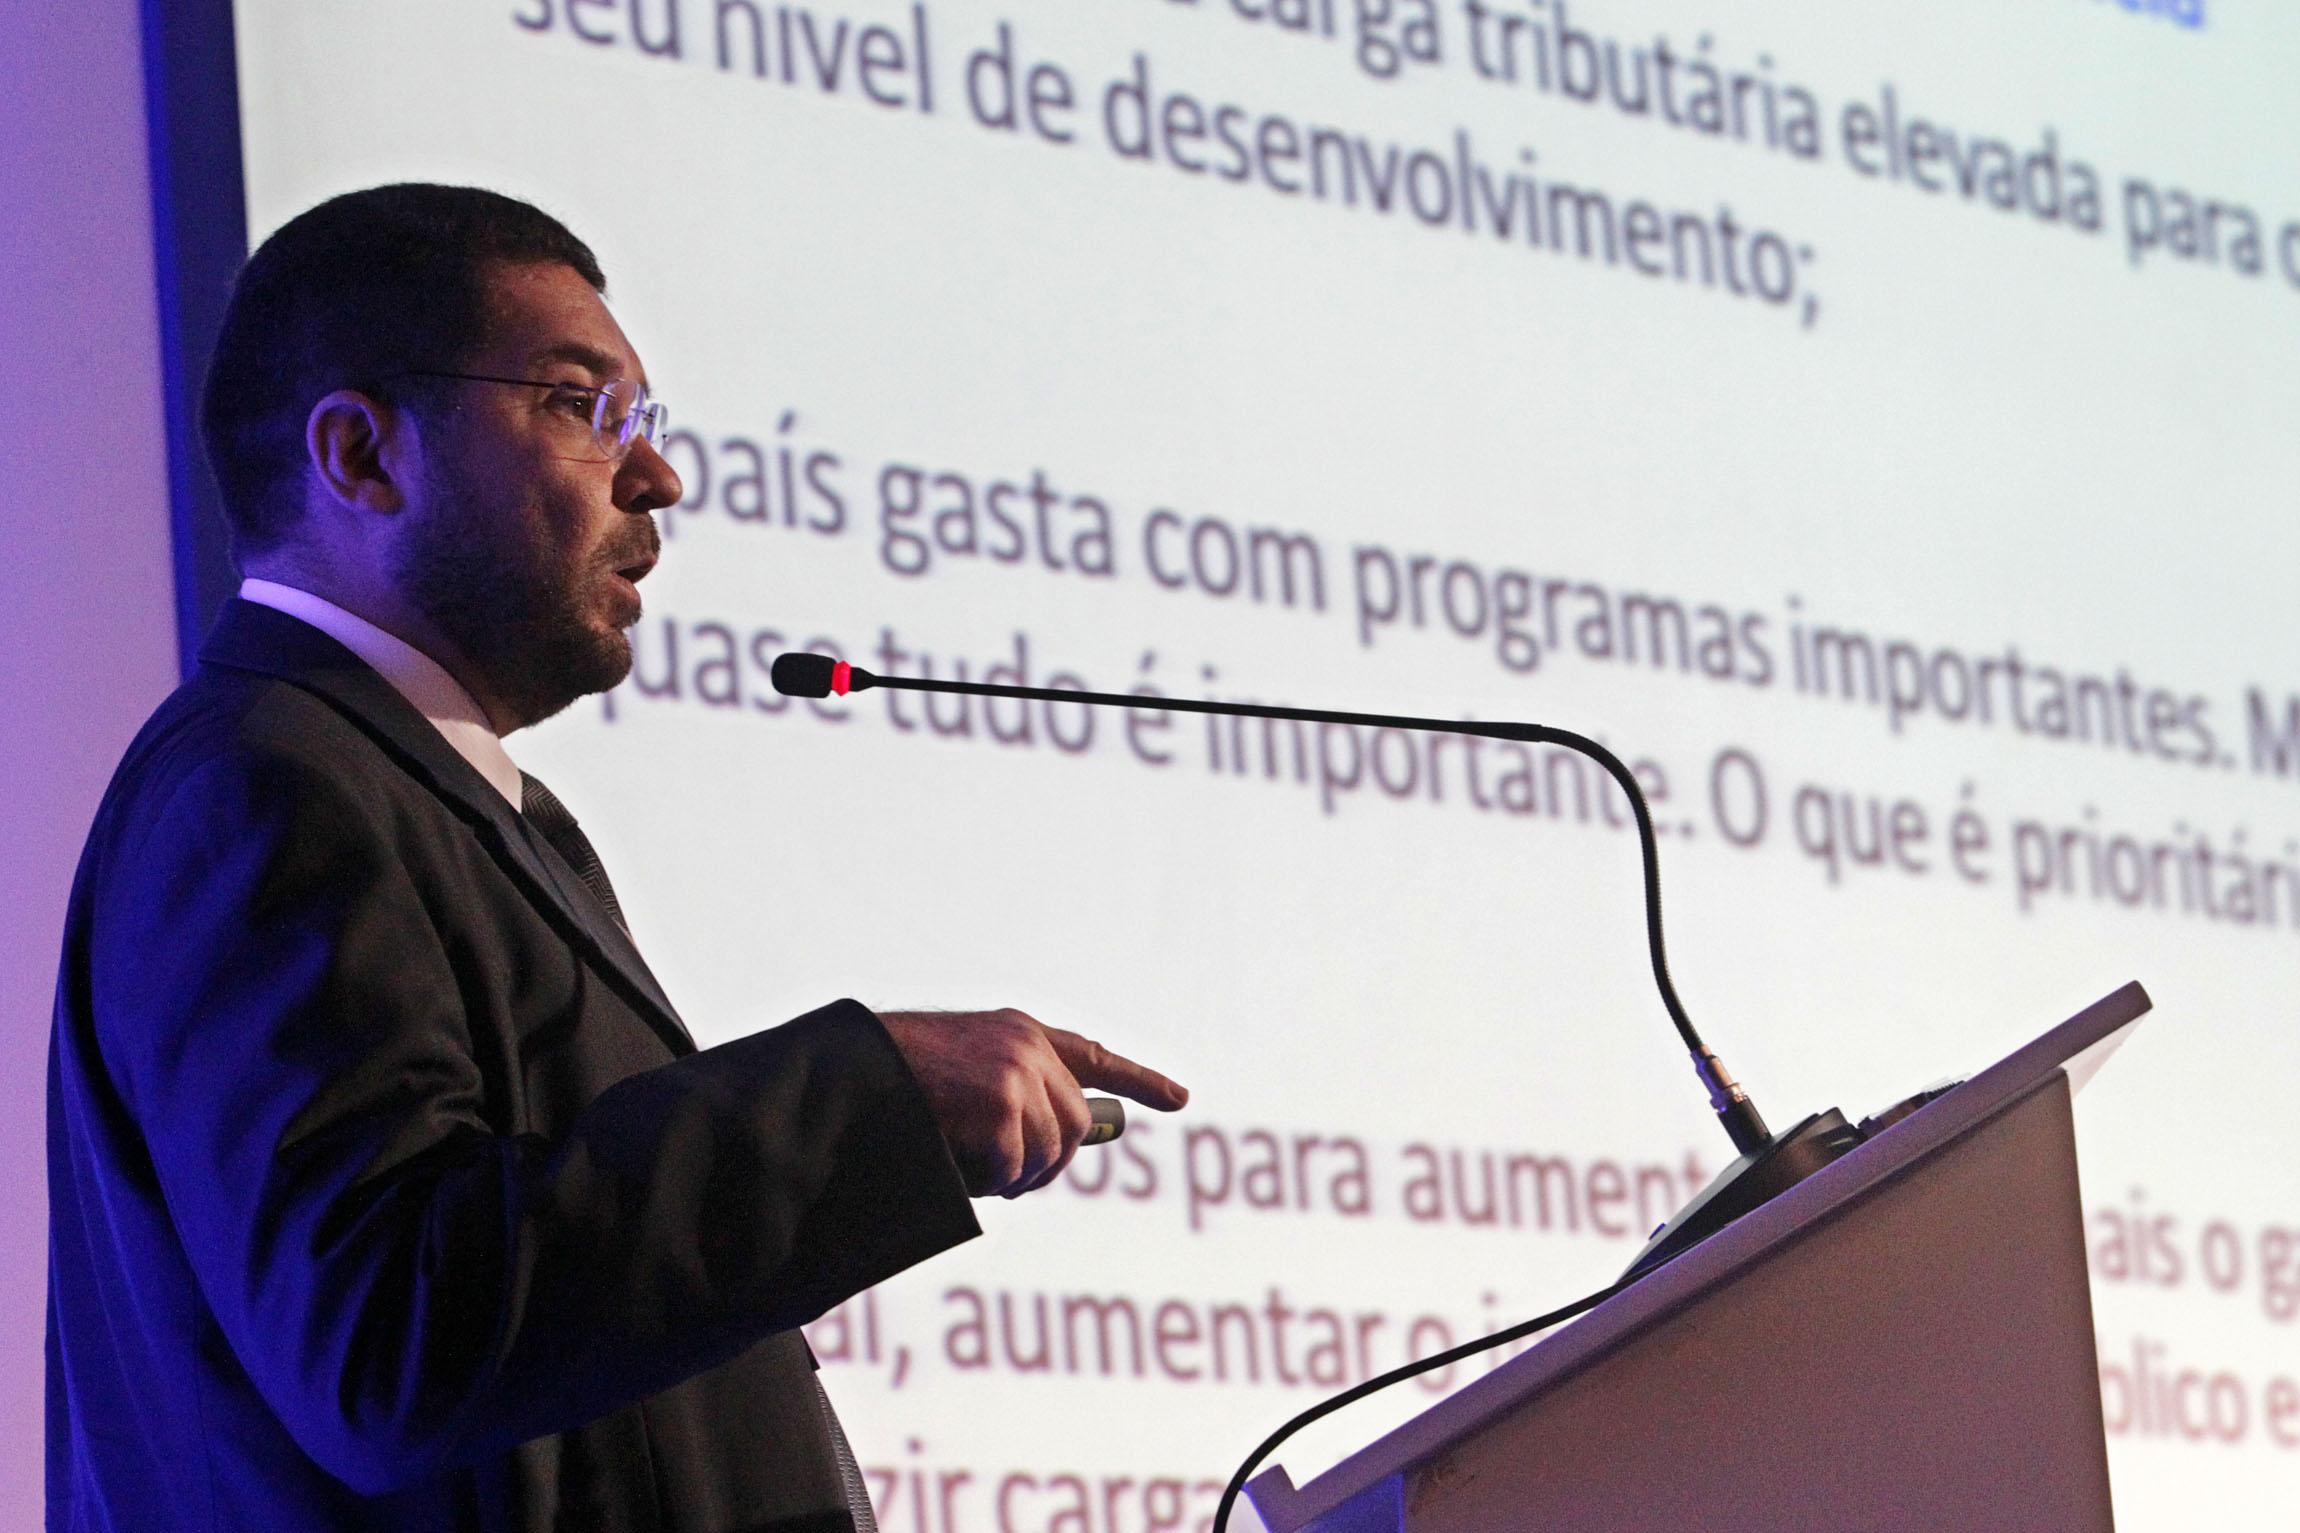 CLAYTON DE SOUZA / ESTADÃO CONTEÚDO